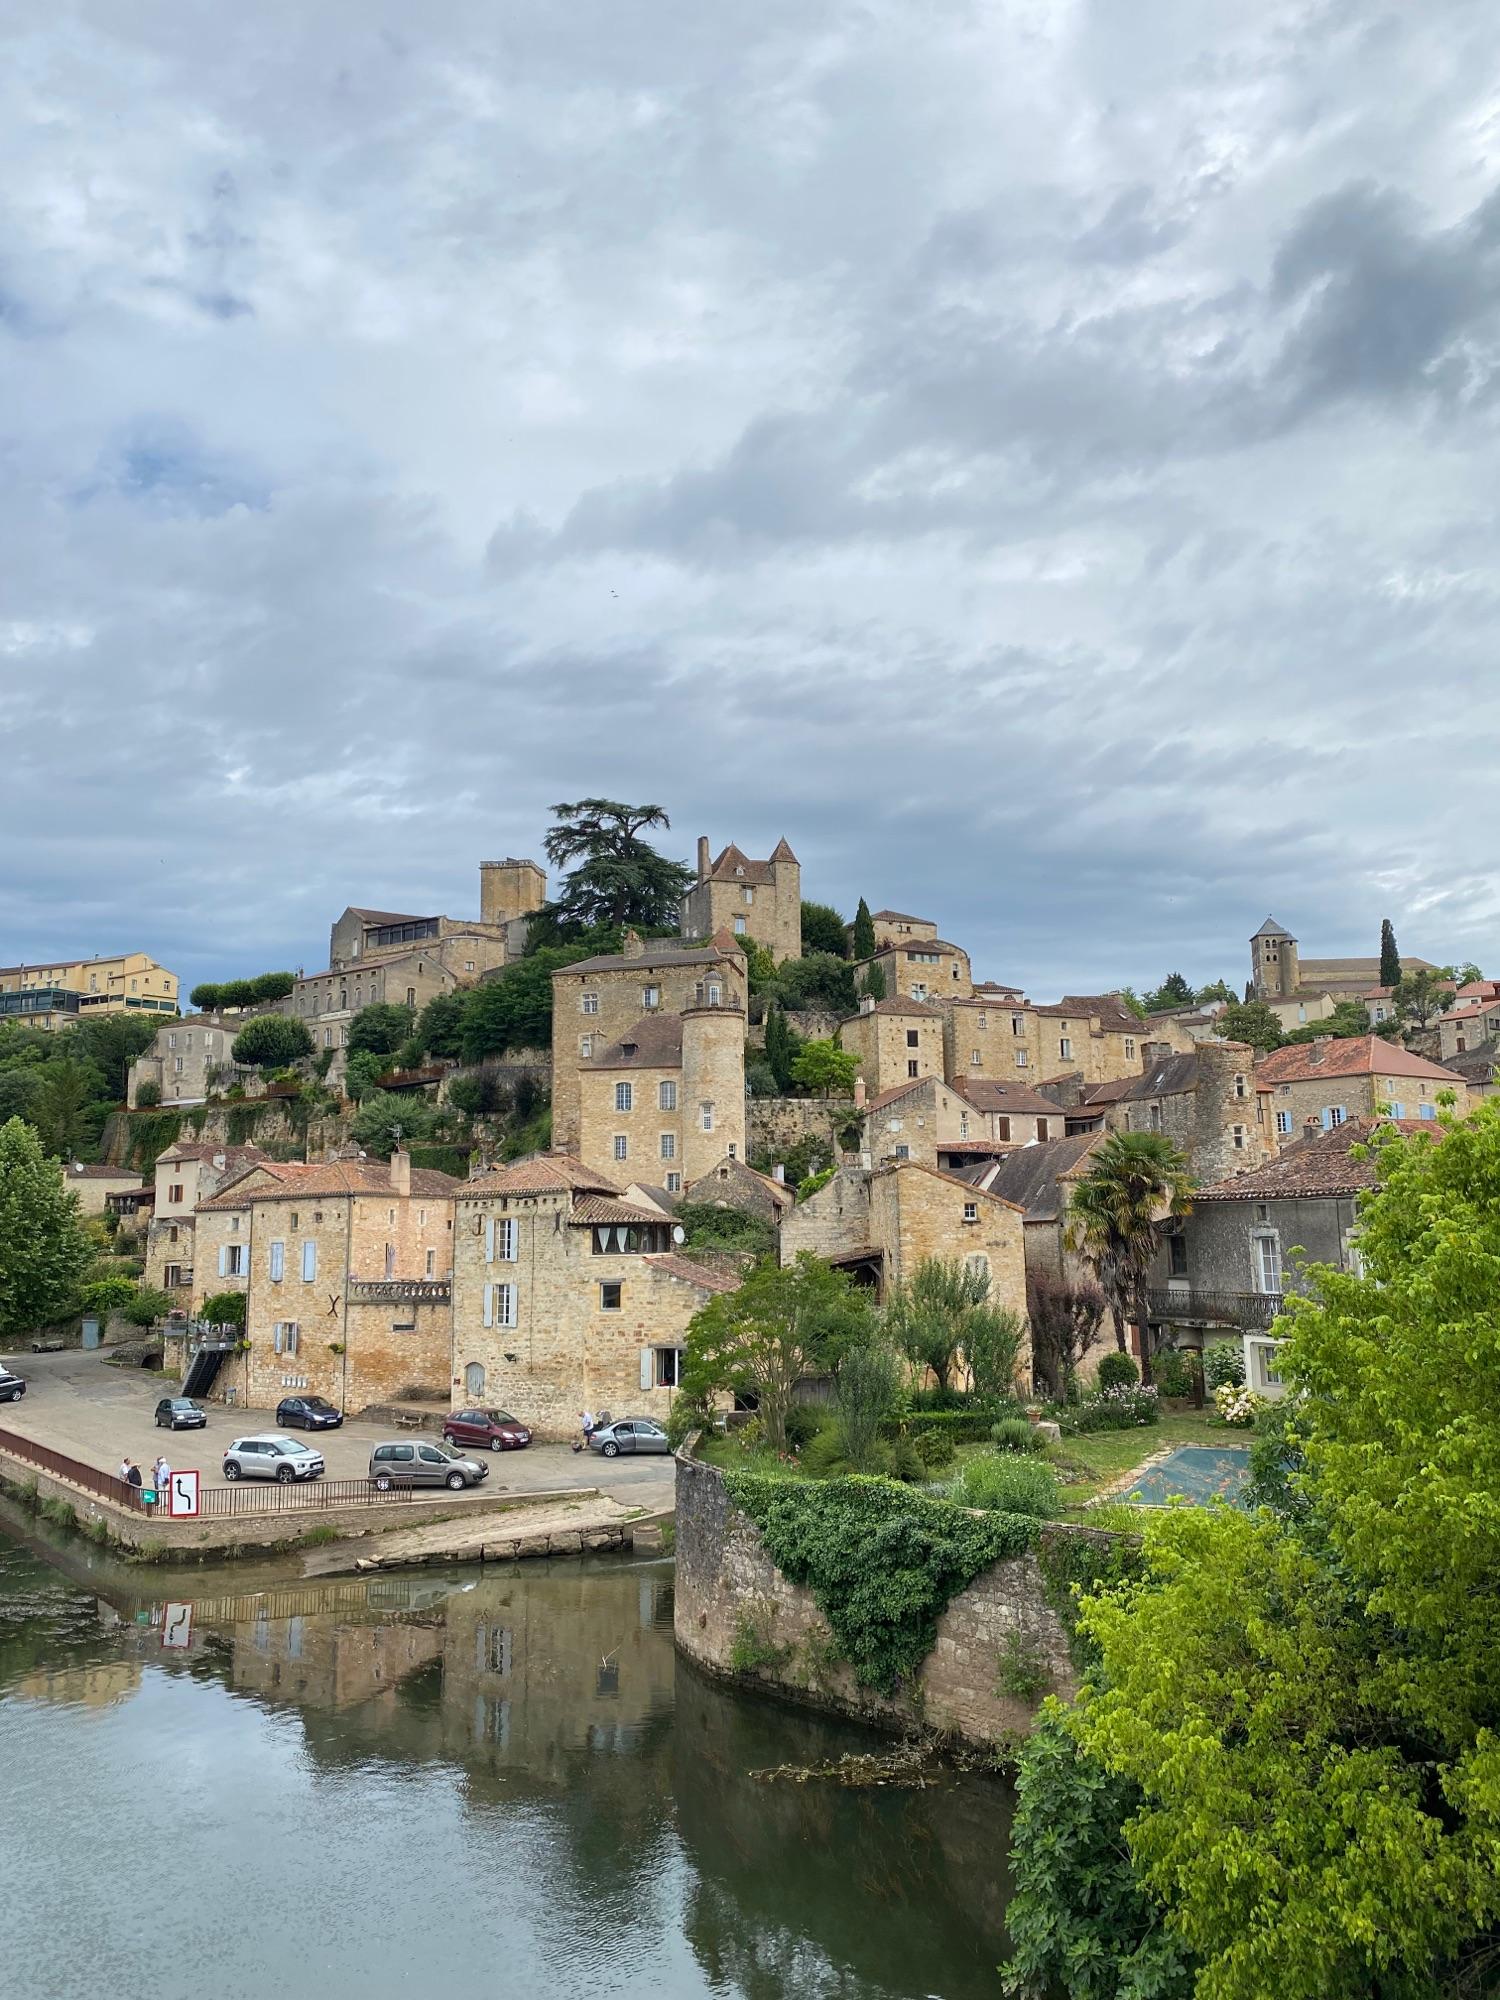 Город «Колодец Епископа», Puy l'Evêque. Конечно, дом как жилище для паломников, старая мельница, дом теплиеров, жилище епископа, и все 12-14 век. Город небогатый, даже бедный, но везде таблички, и только туристов почти нет. Единицы.